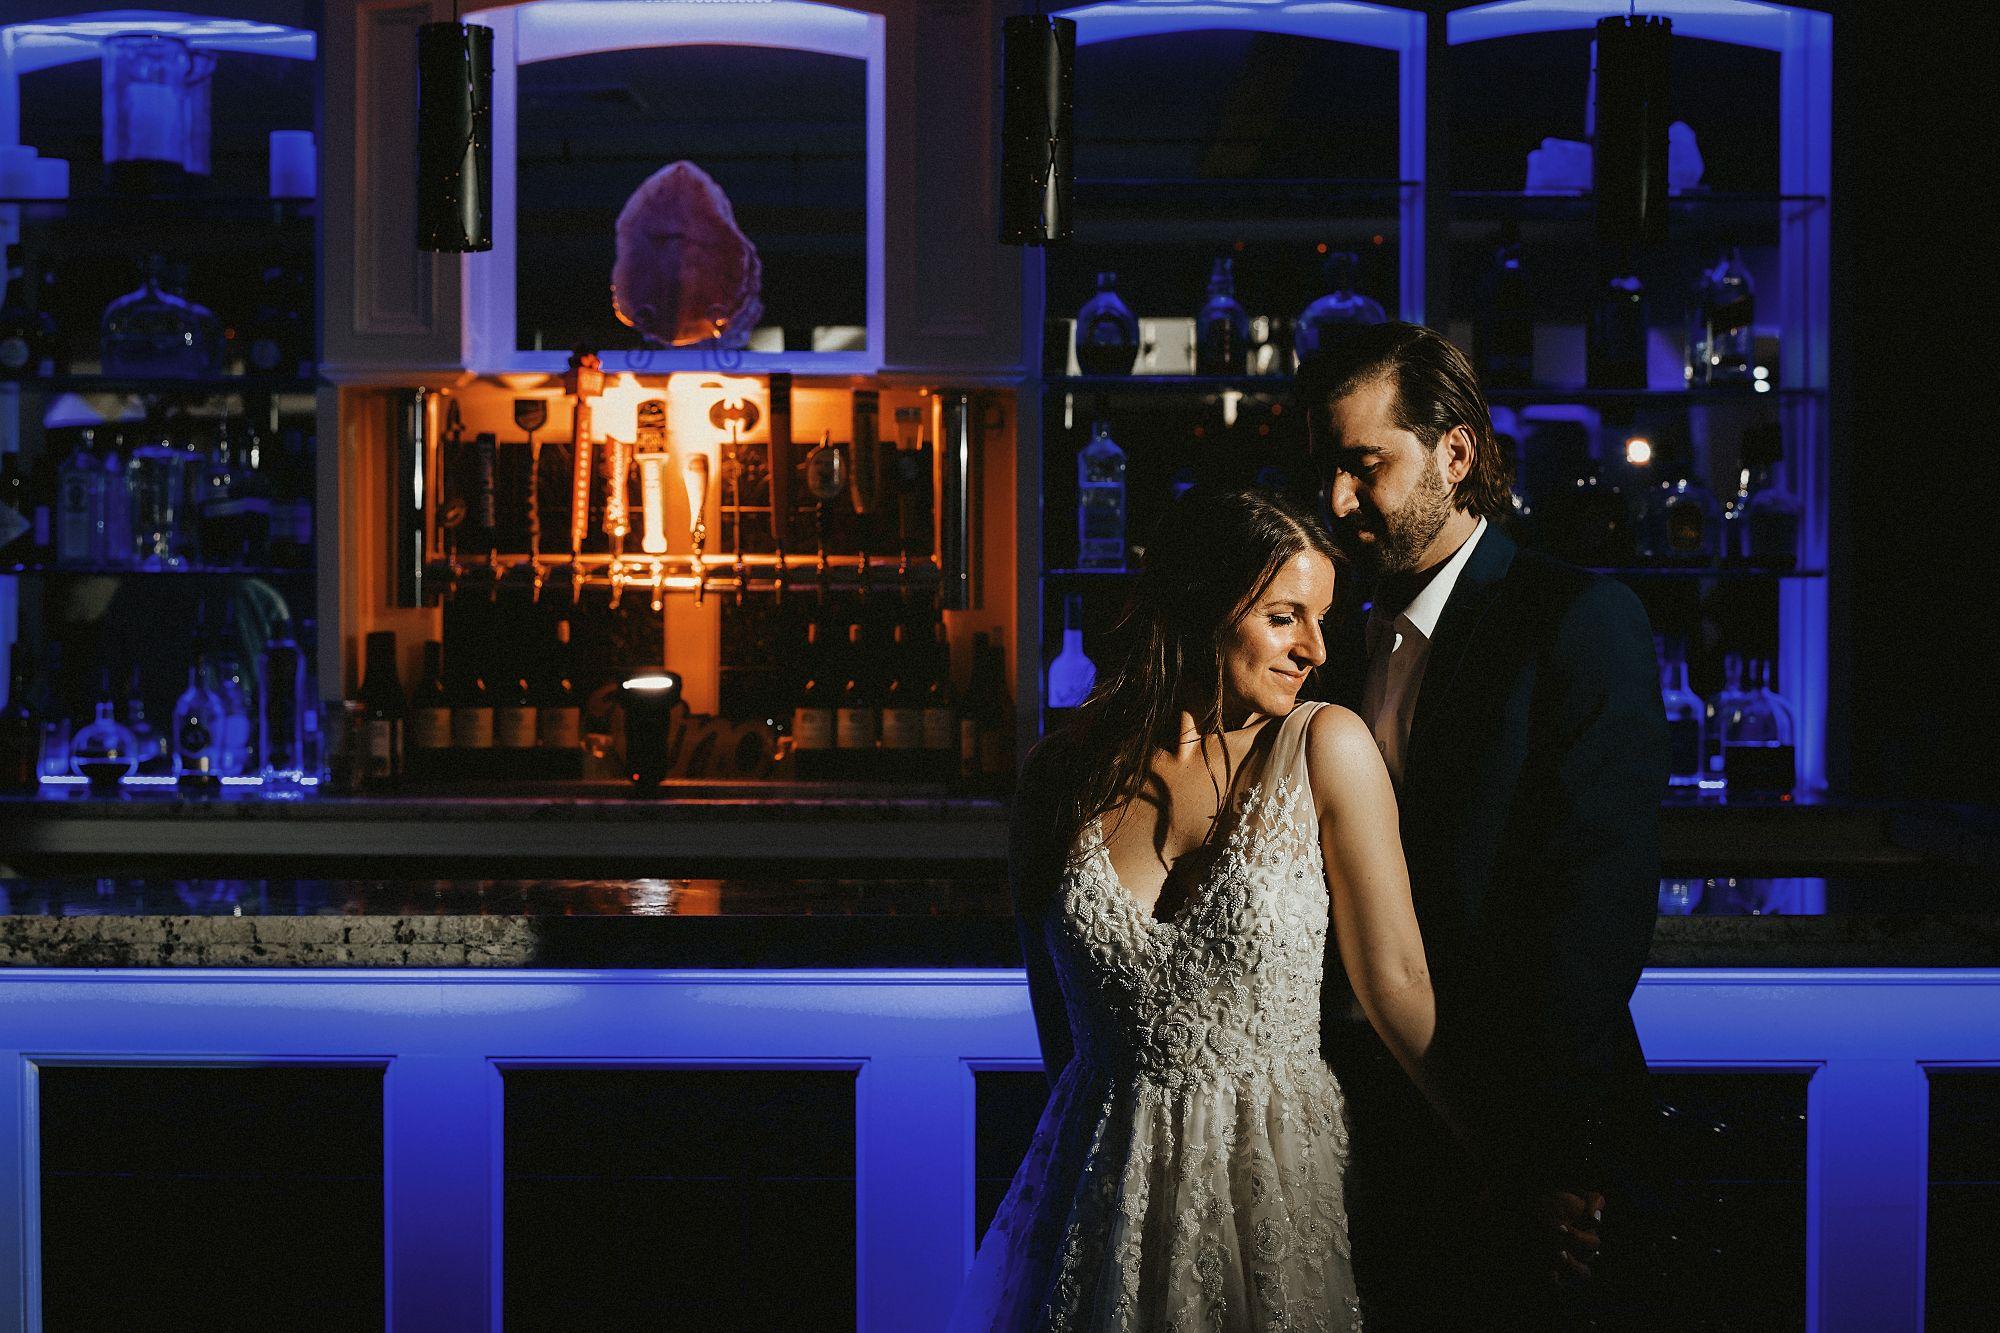 twisted-oaks-associate-wedding0001.jpg